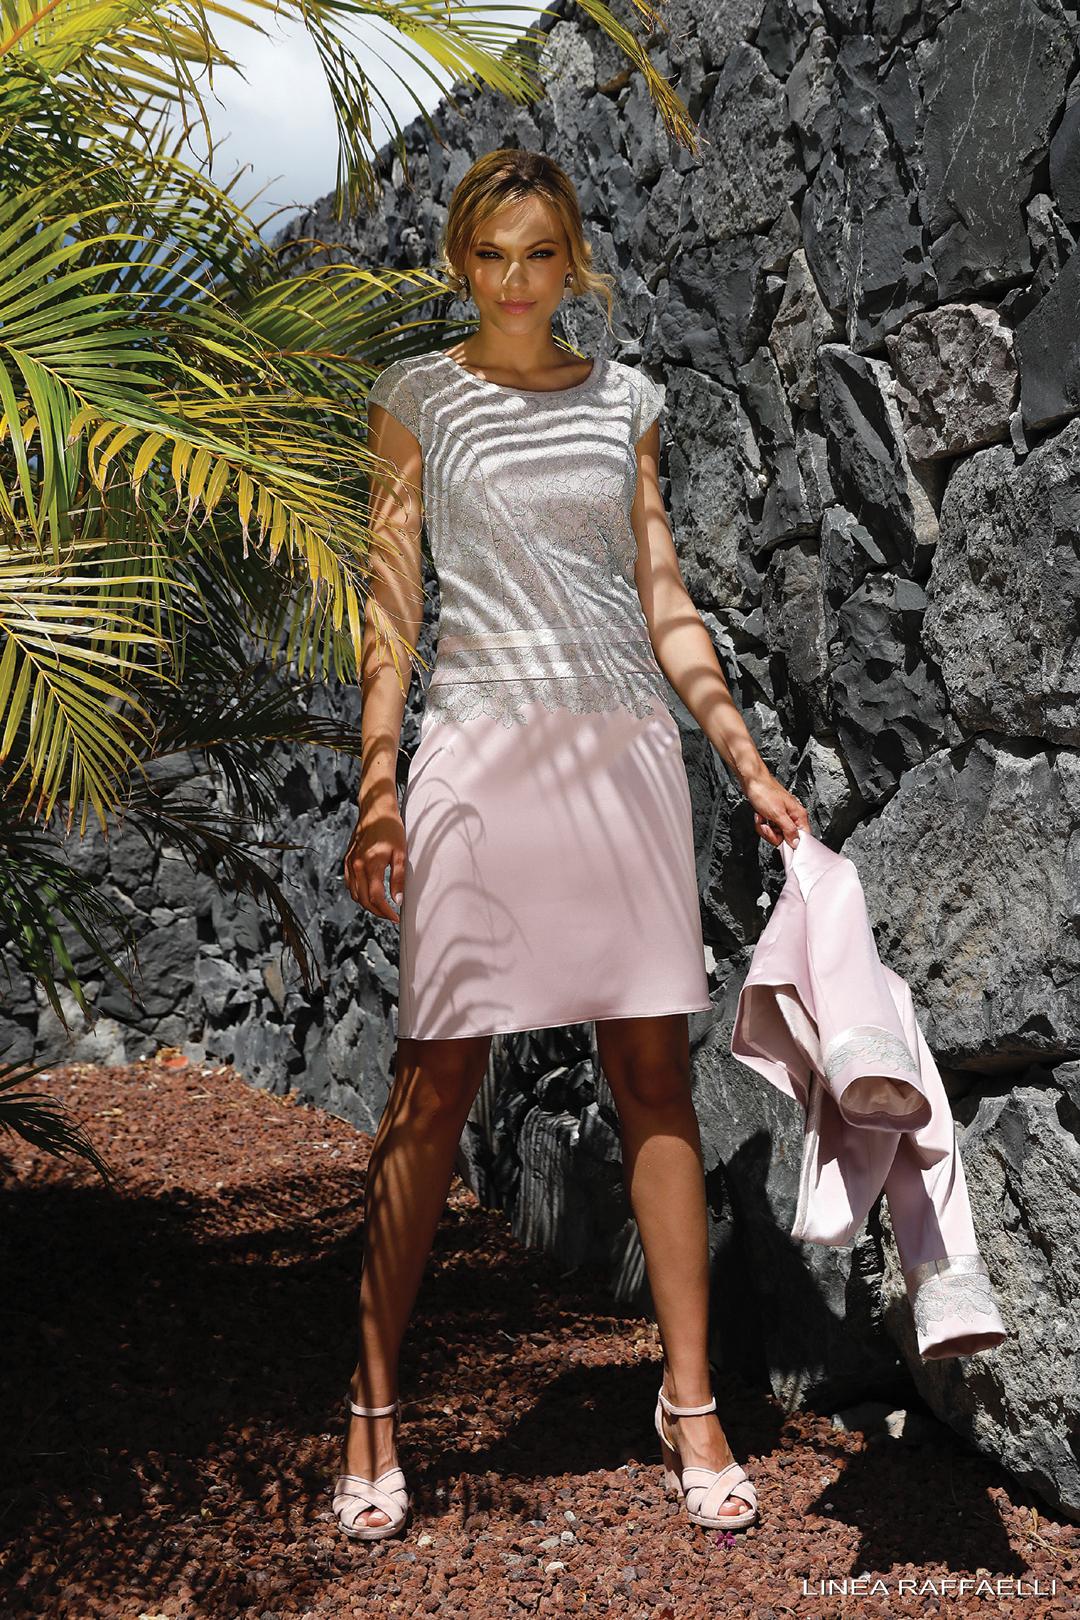 Suitejurk met jasje Linea Raffaelli - Tenerife 19-20 - Set 040 - 191-522-01 + 191-551-01cr